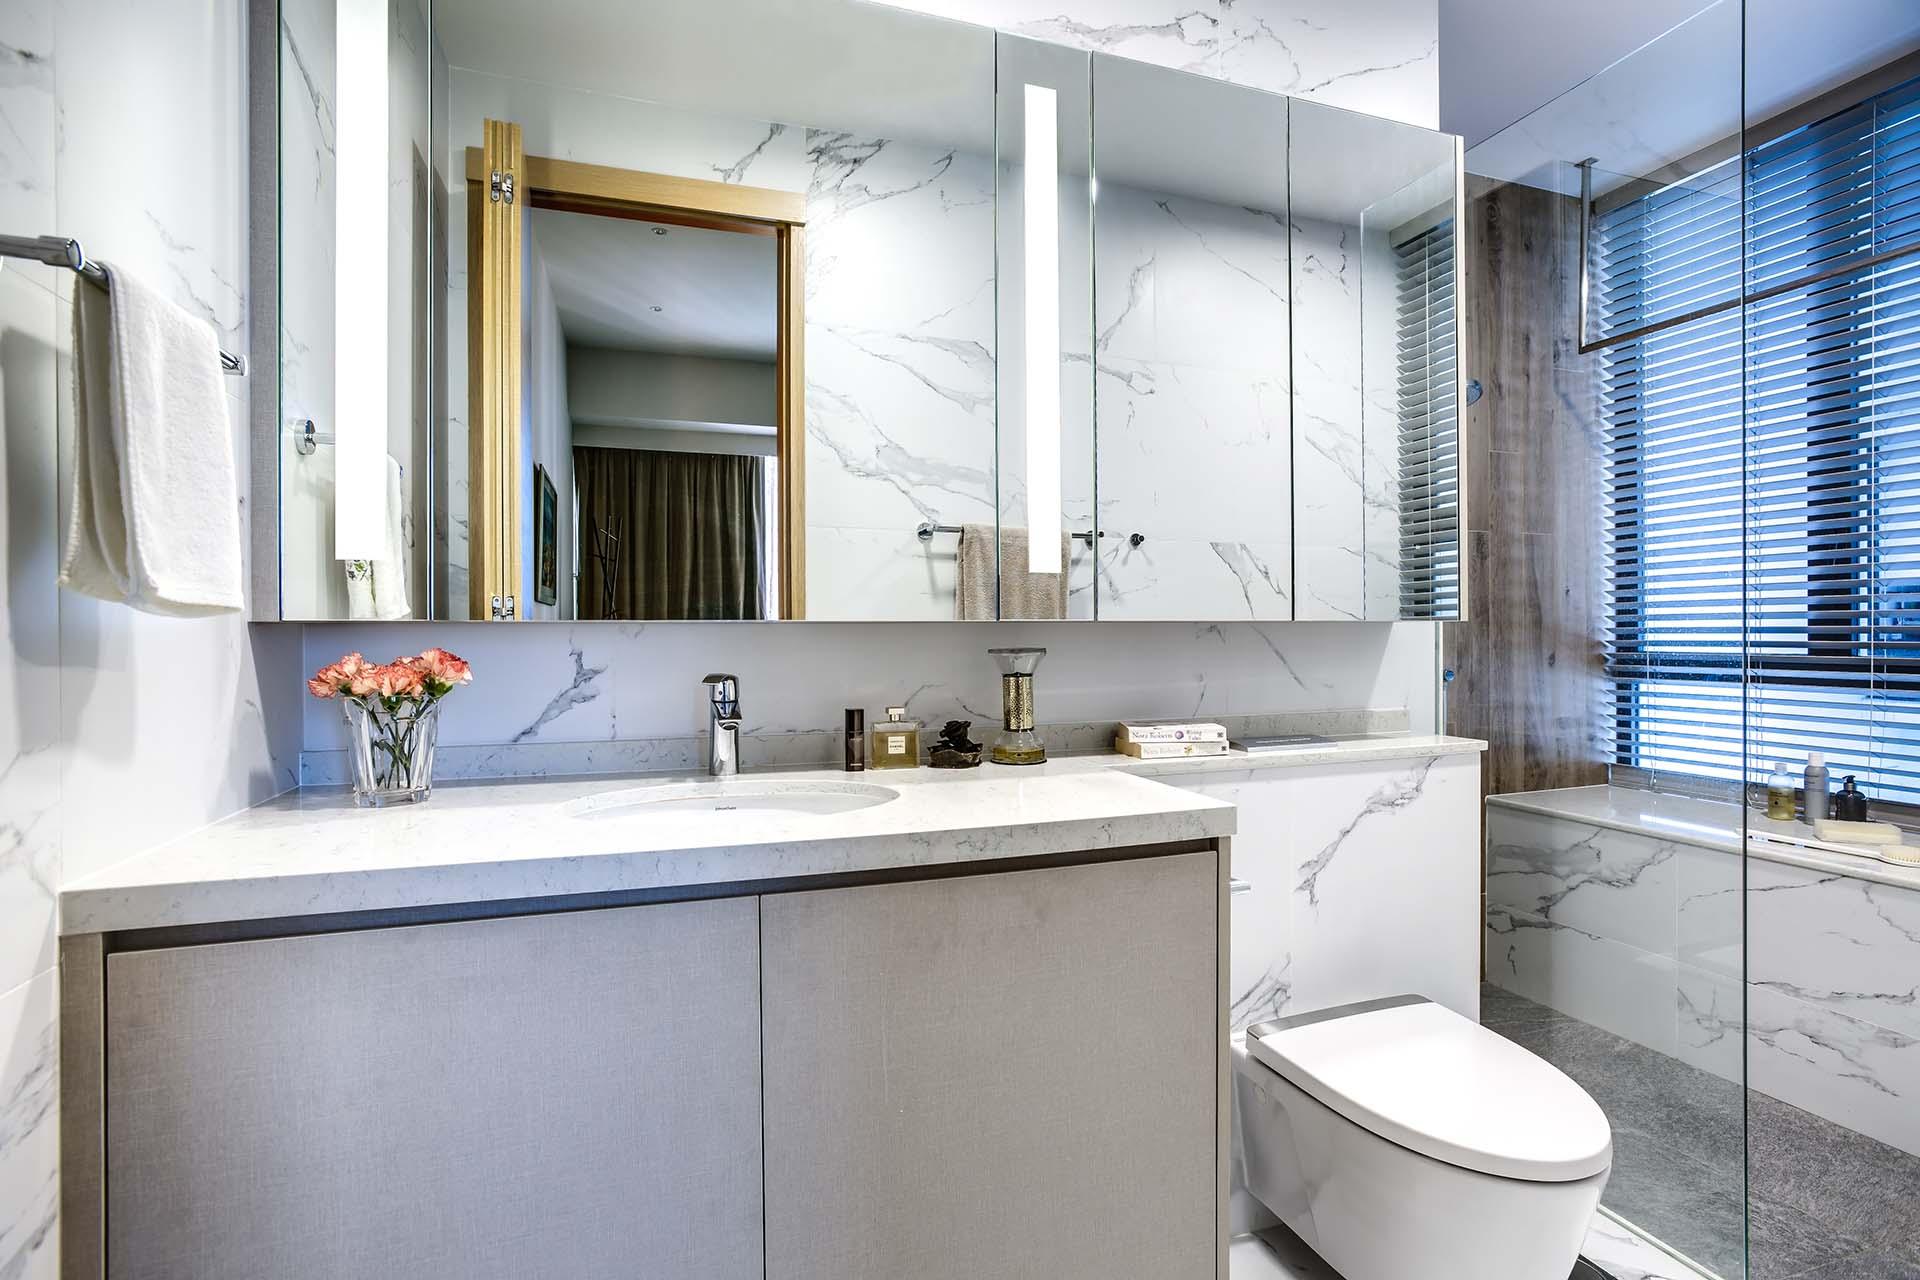 Bathroom Vanity, Mirror Cabinet